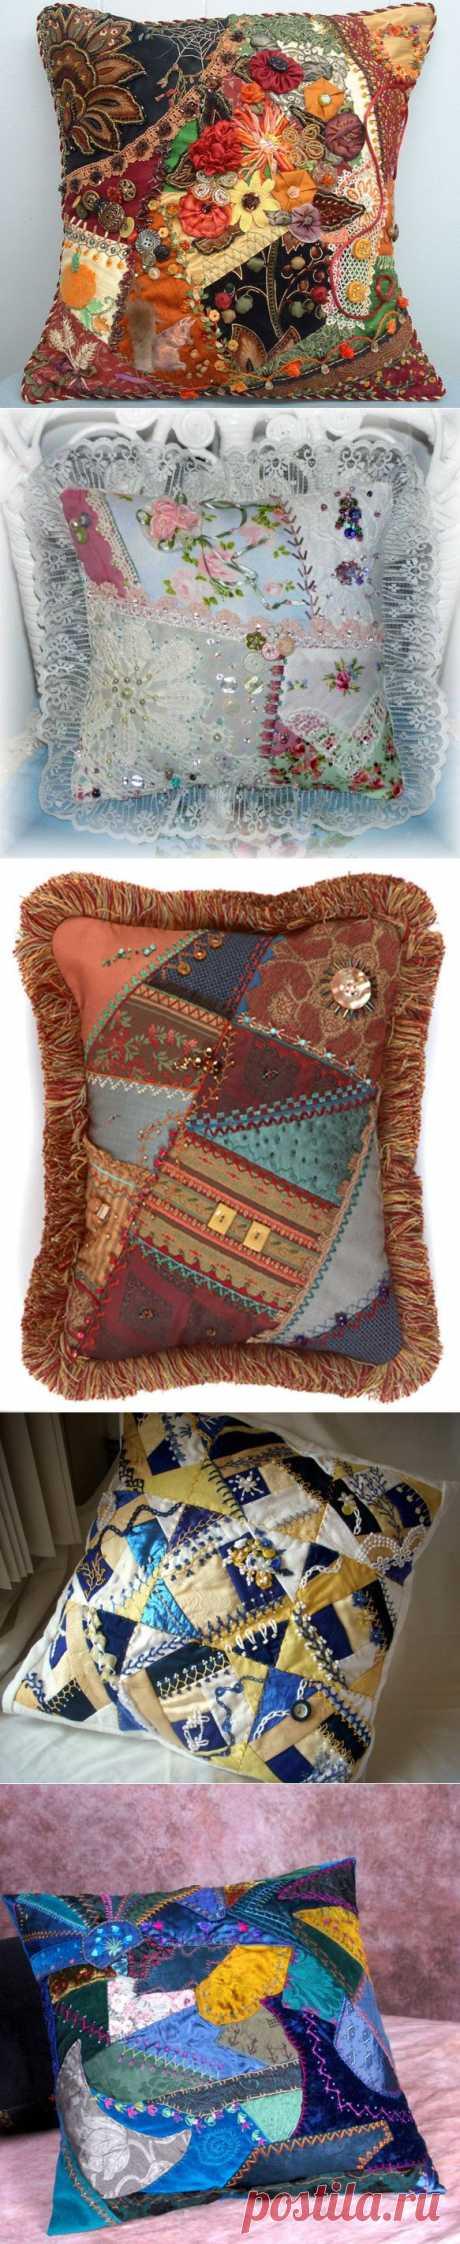 Красивые подушки из лоскутков.